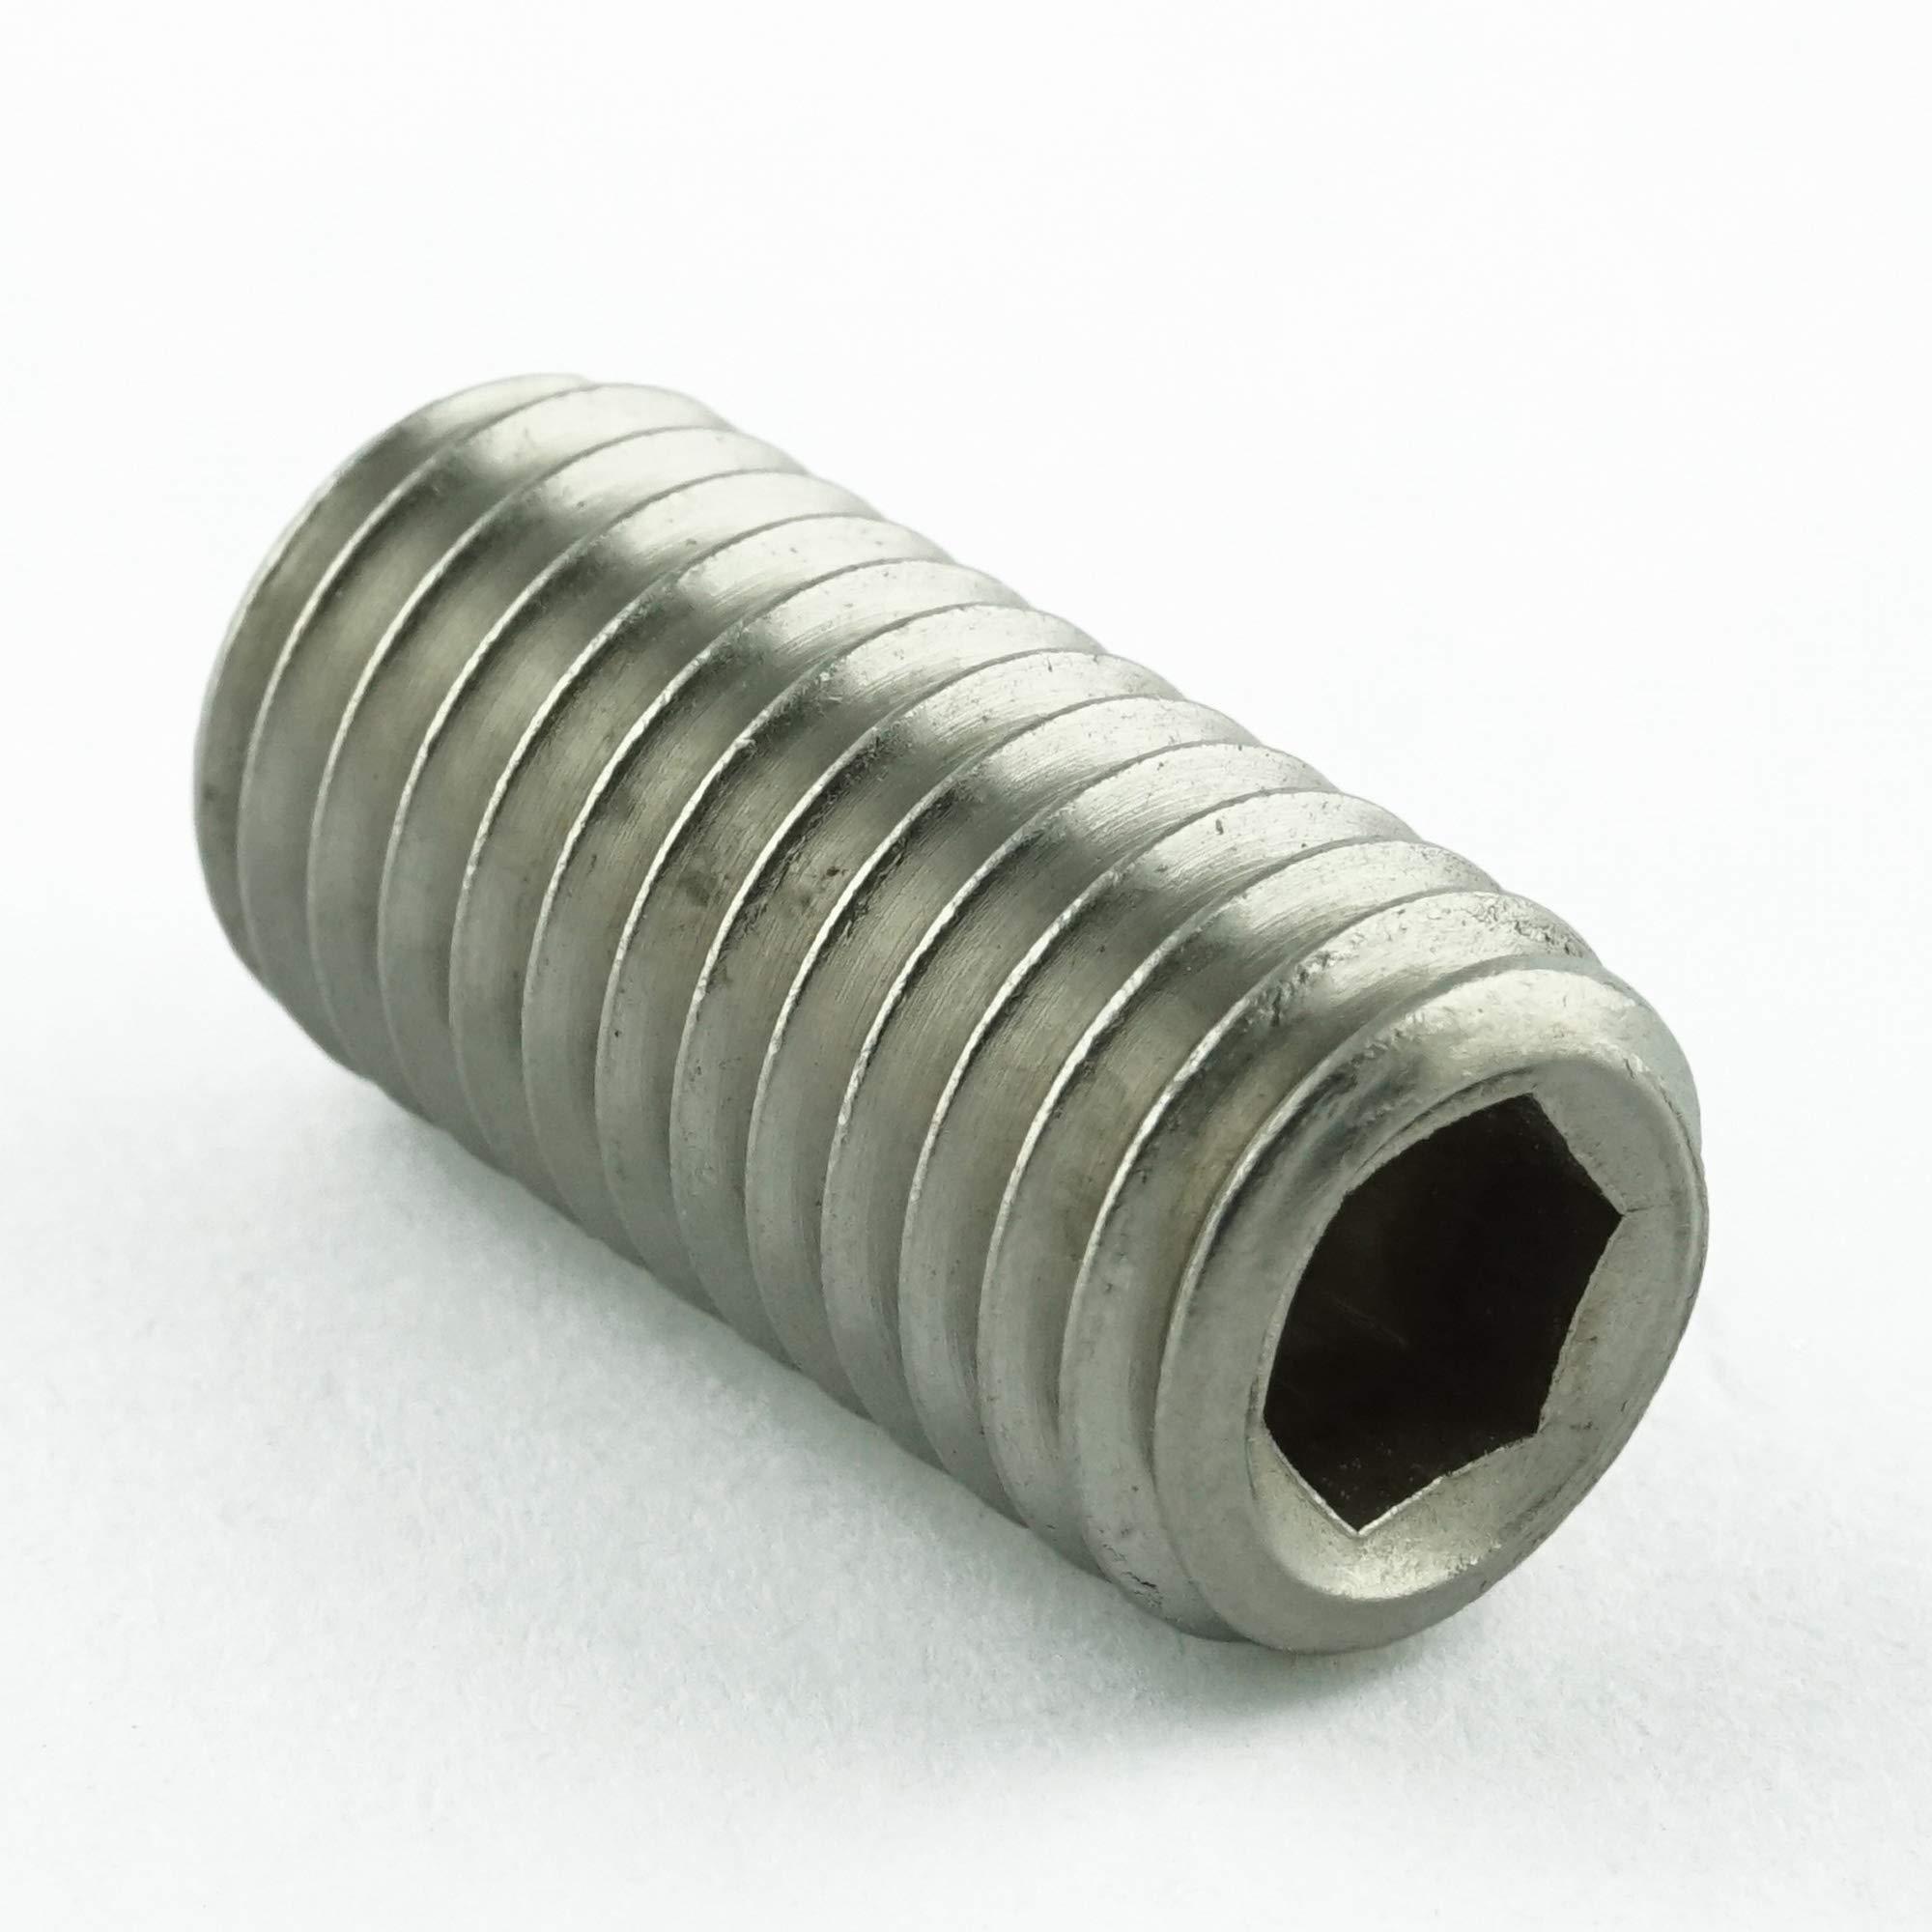 Eisenwaren2000 ISO 4026 M6 x 10 mm Gewindestift mit Innensechskant und Kegelkuppe rostfrei - Madenschrauben DIN 913 Gewindeschrauben 50 St/ück Edelstahl A2 V2A